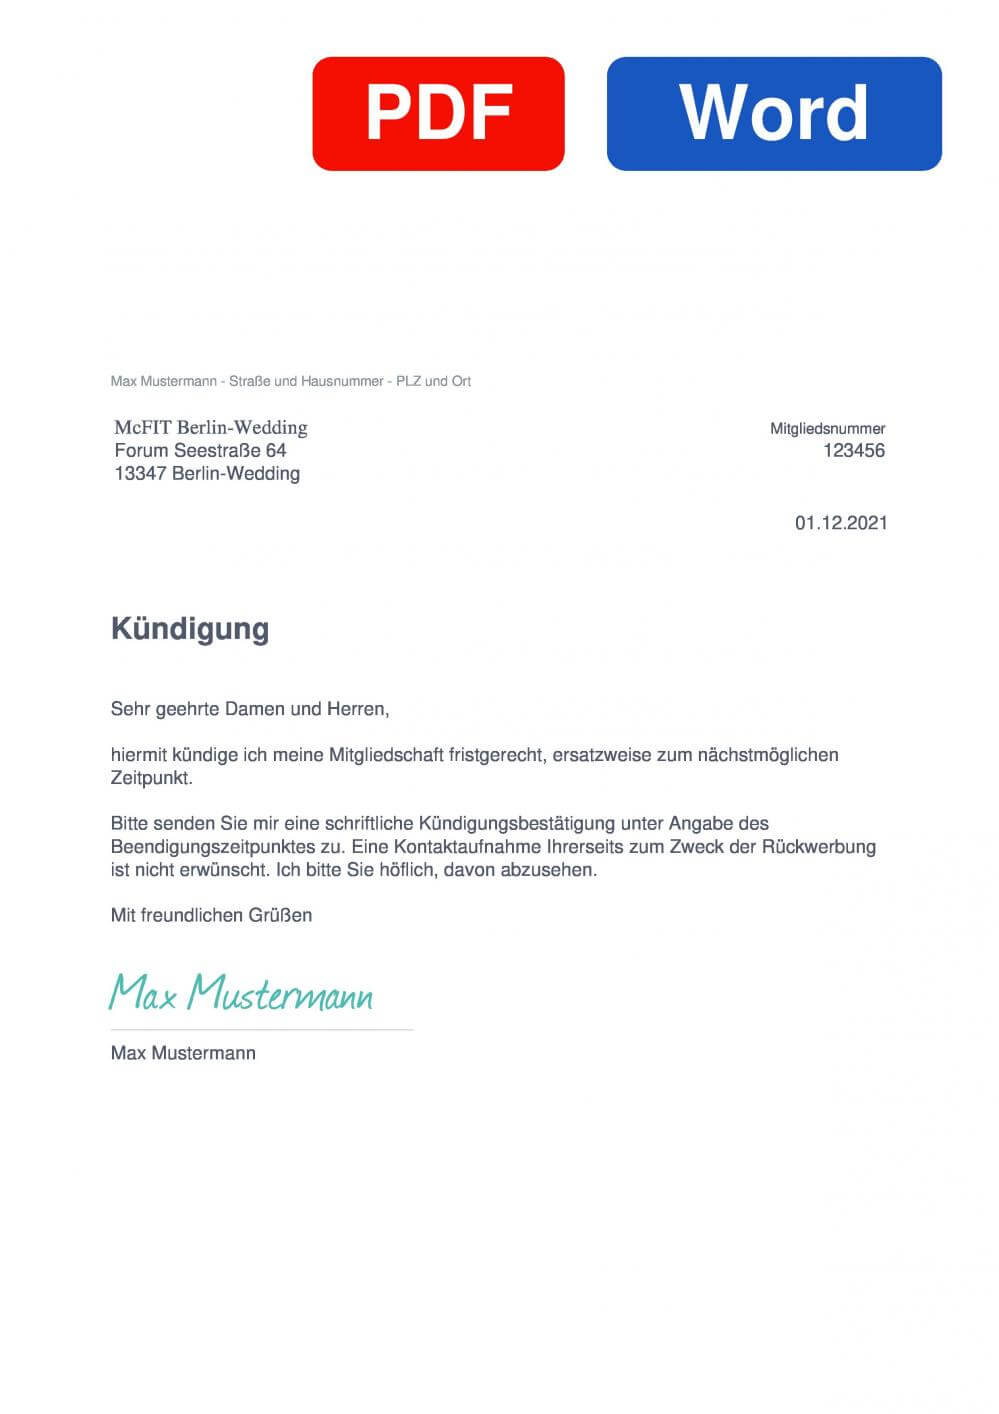 McFIT Berlin-Wedding Muster Vorlage für Kündigungsschreiben